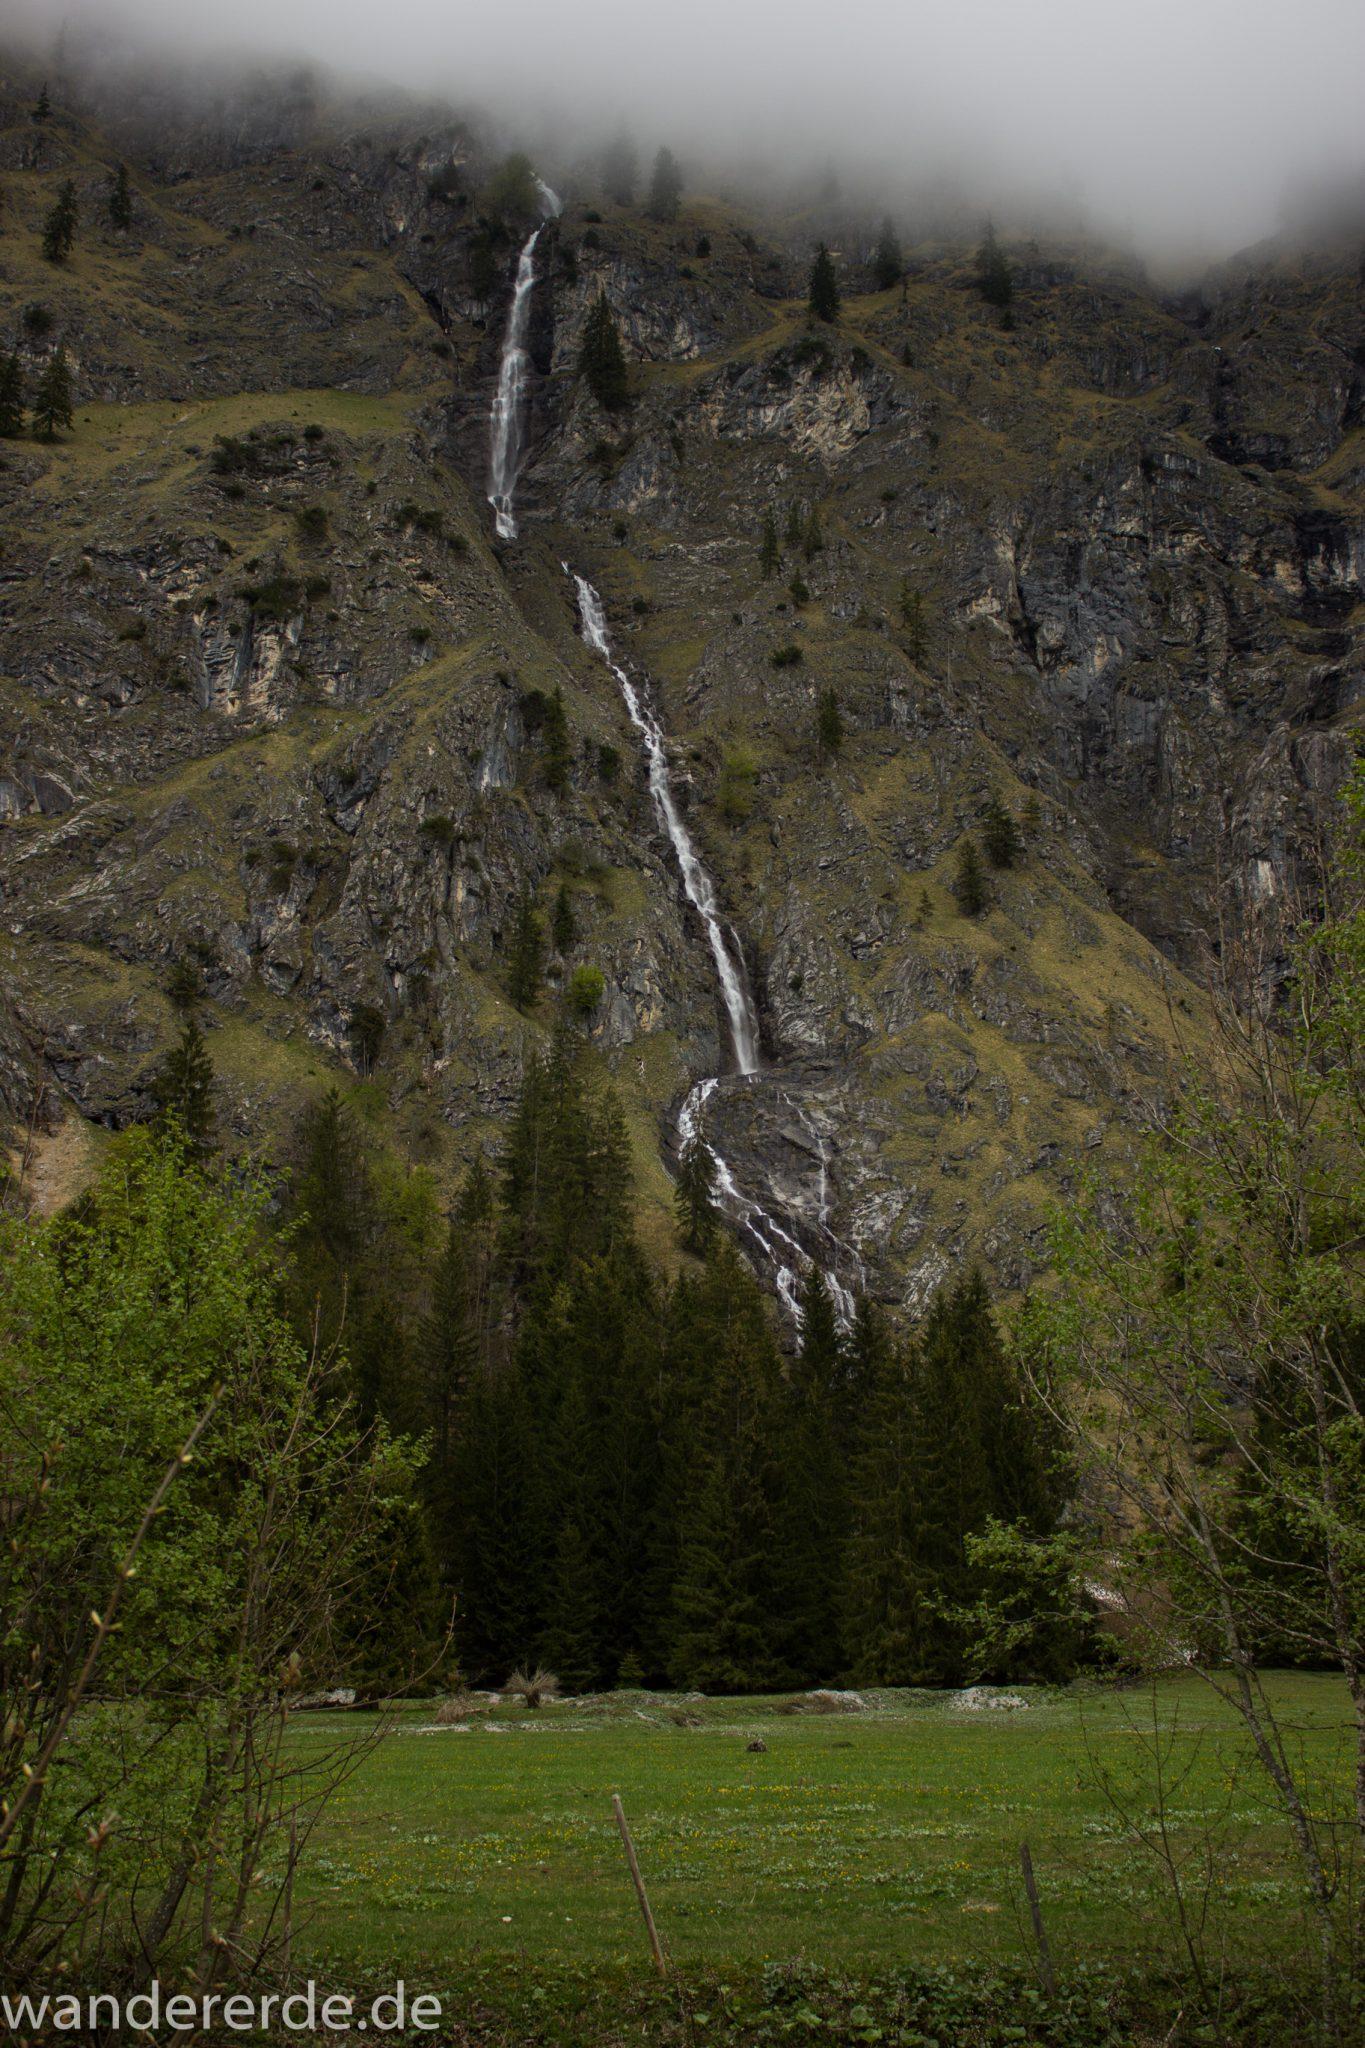 Wanderung im Oytal bei Oberstdorf im Allgäu, Bayern, schöner dichter und grüner Wald umgibt den Oybach im Oytal, Berge säumen den Wanderweg durch das Oytal, sehr schöne Atmosphäre, saftig grüne Wiesen, Wasserfall bahnt sich Weg ins Tal